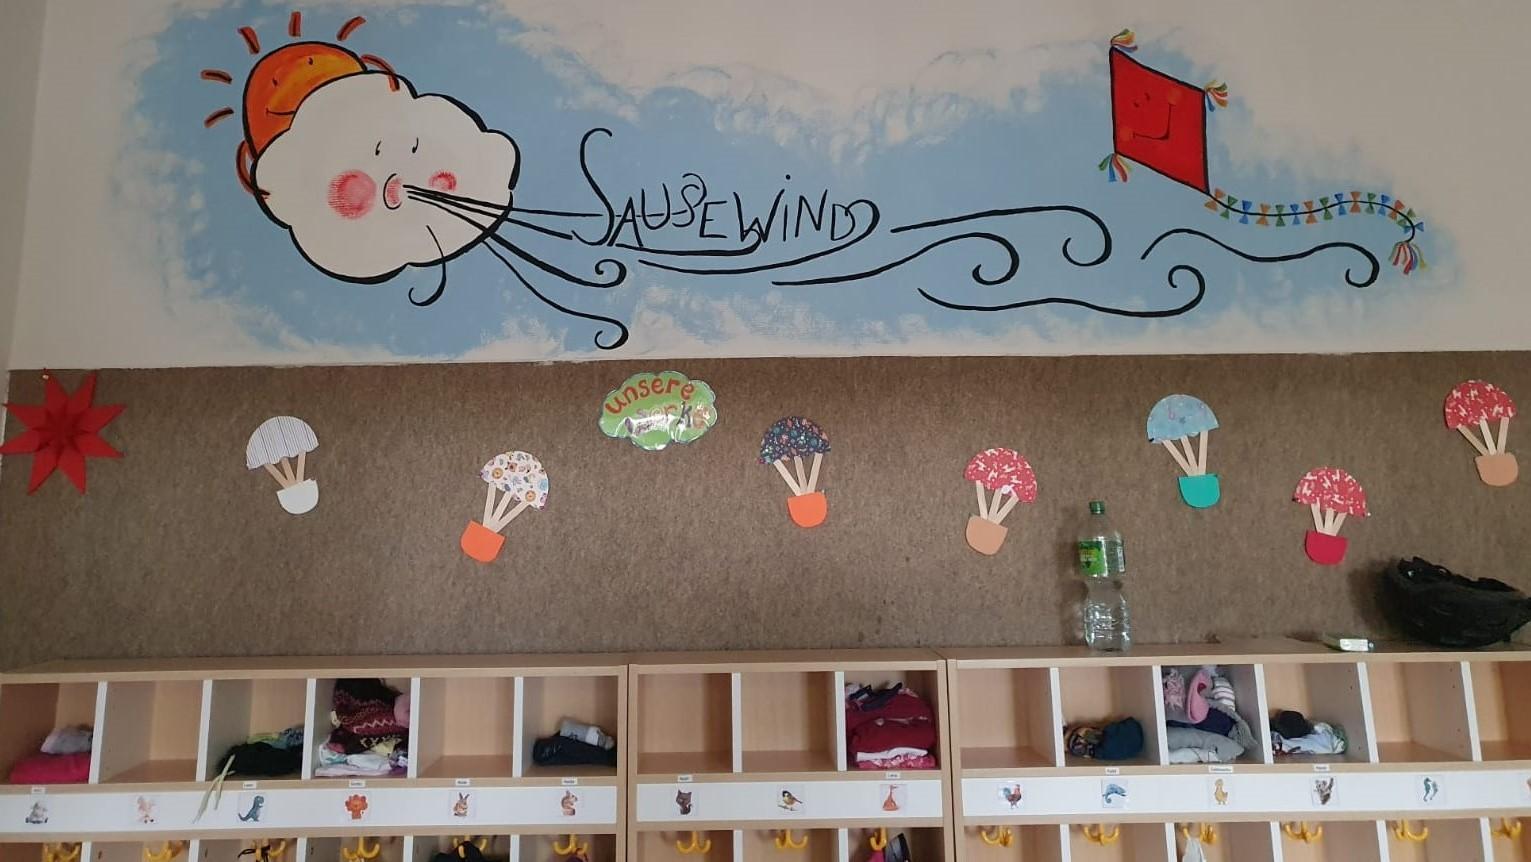 Kinderhaus Sausewind